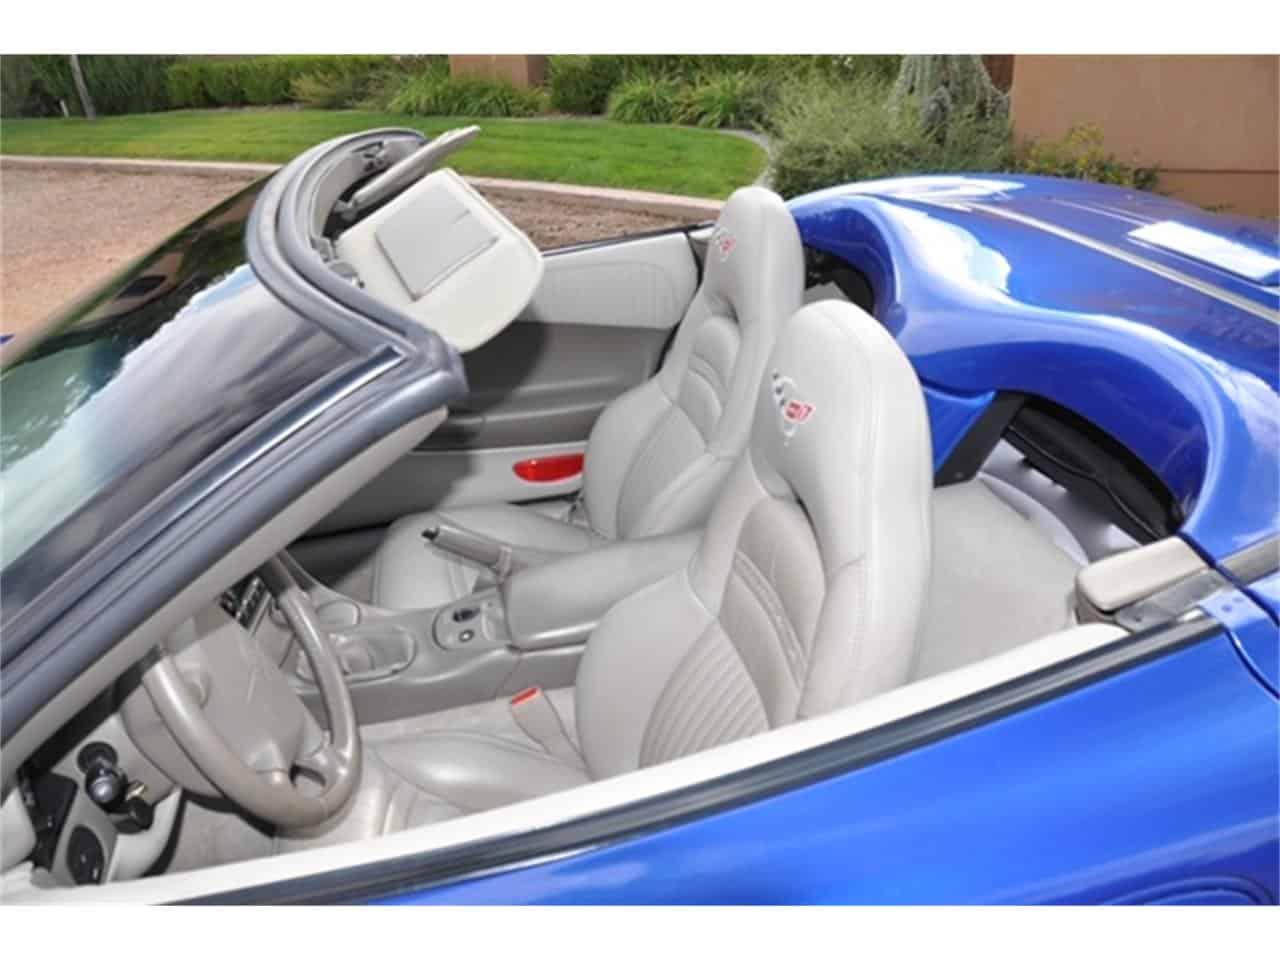 2004 Commemorative Edition Corvette